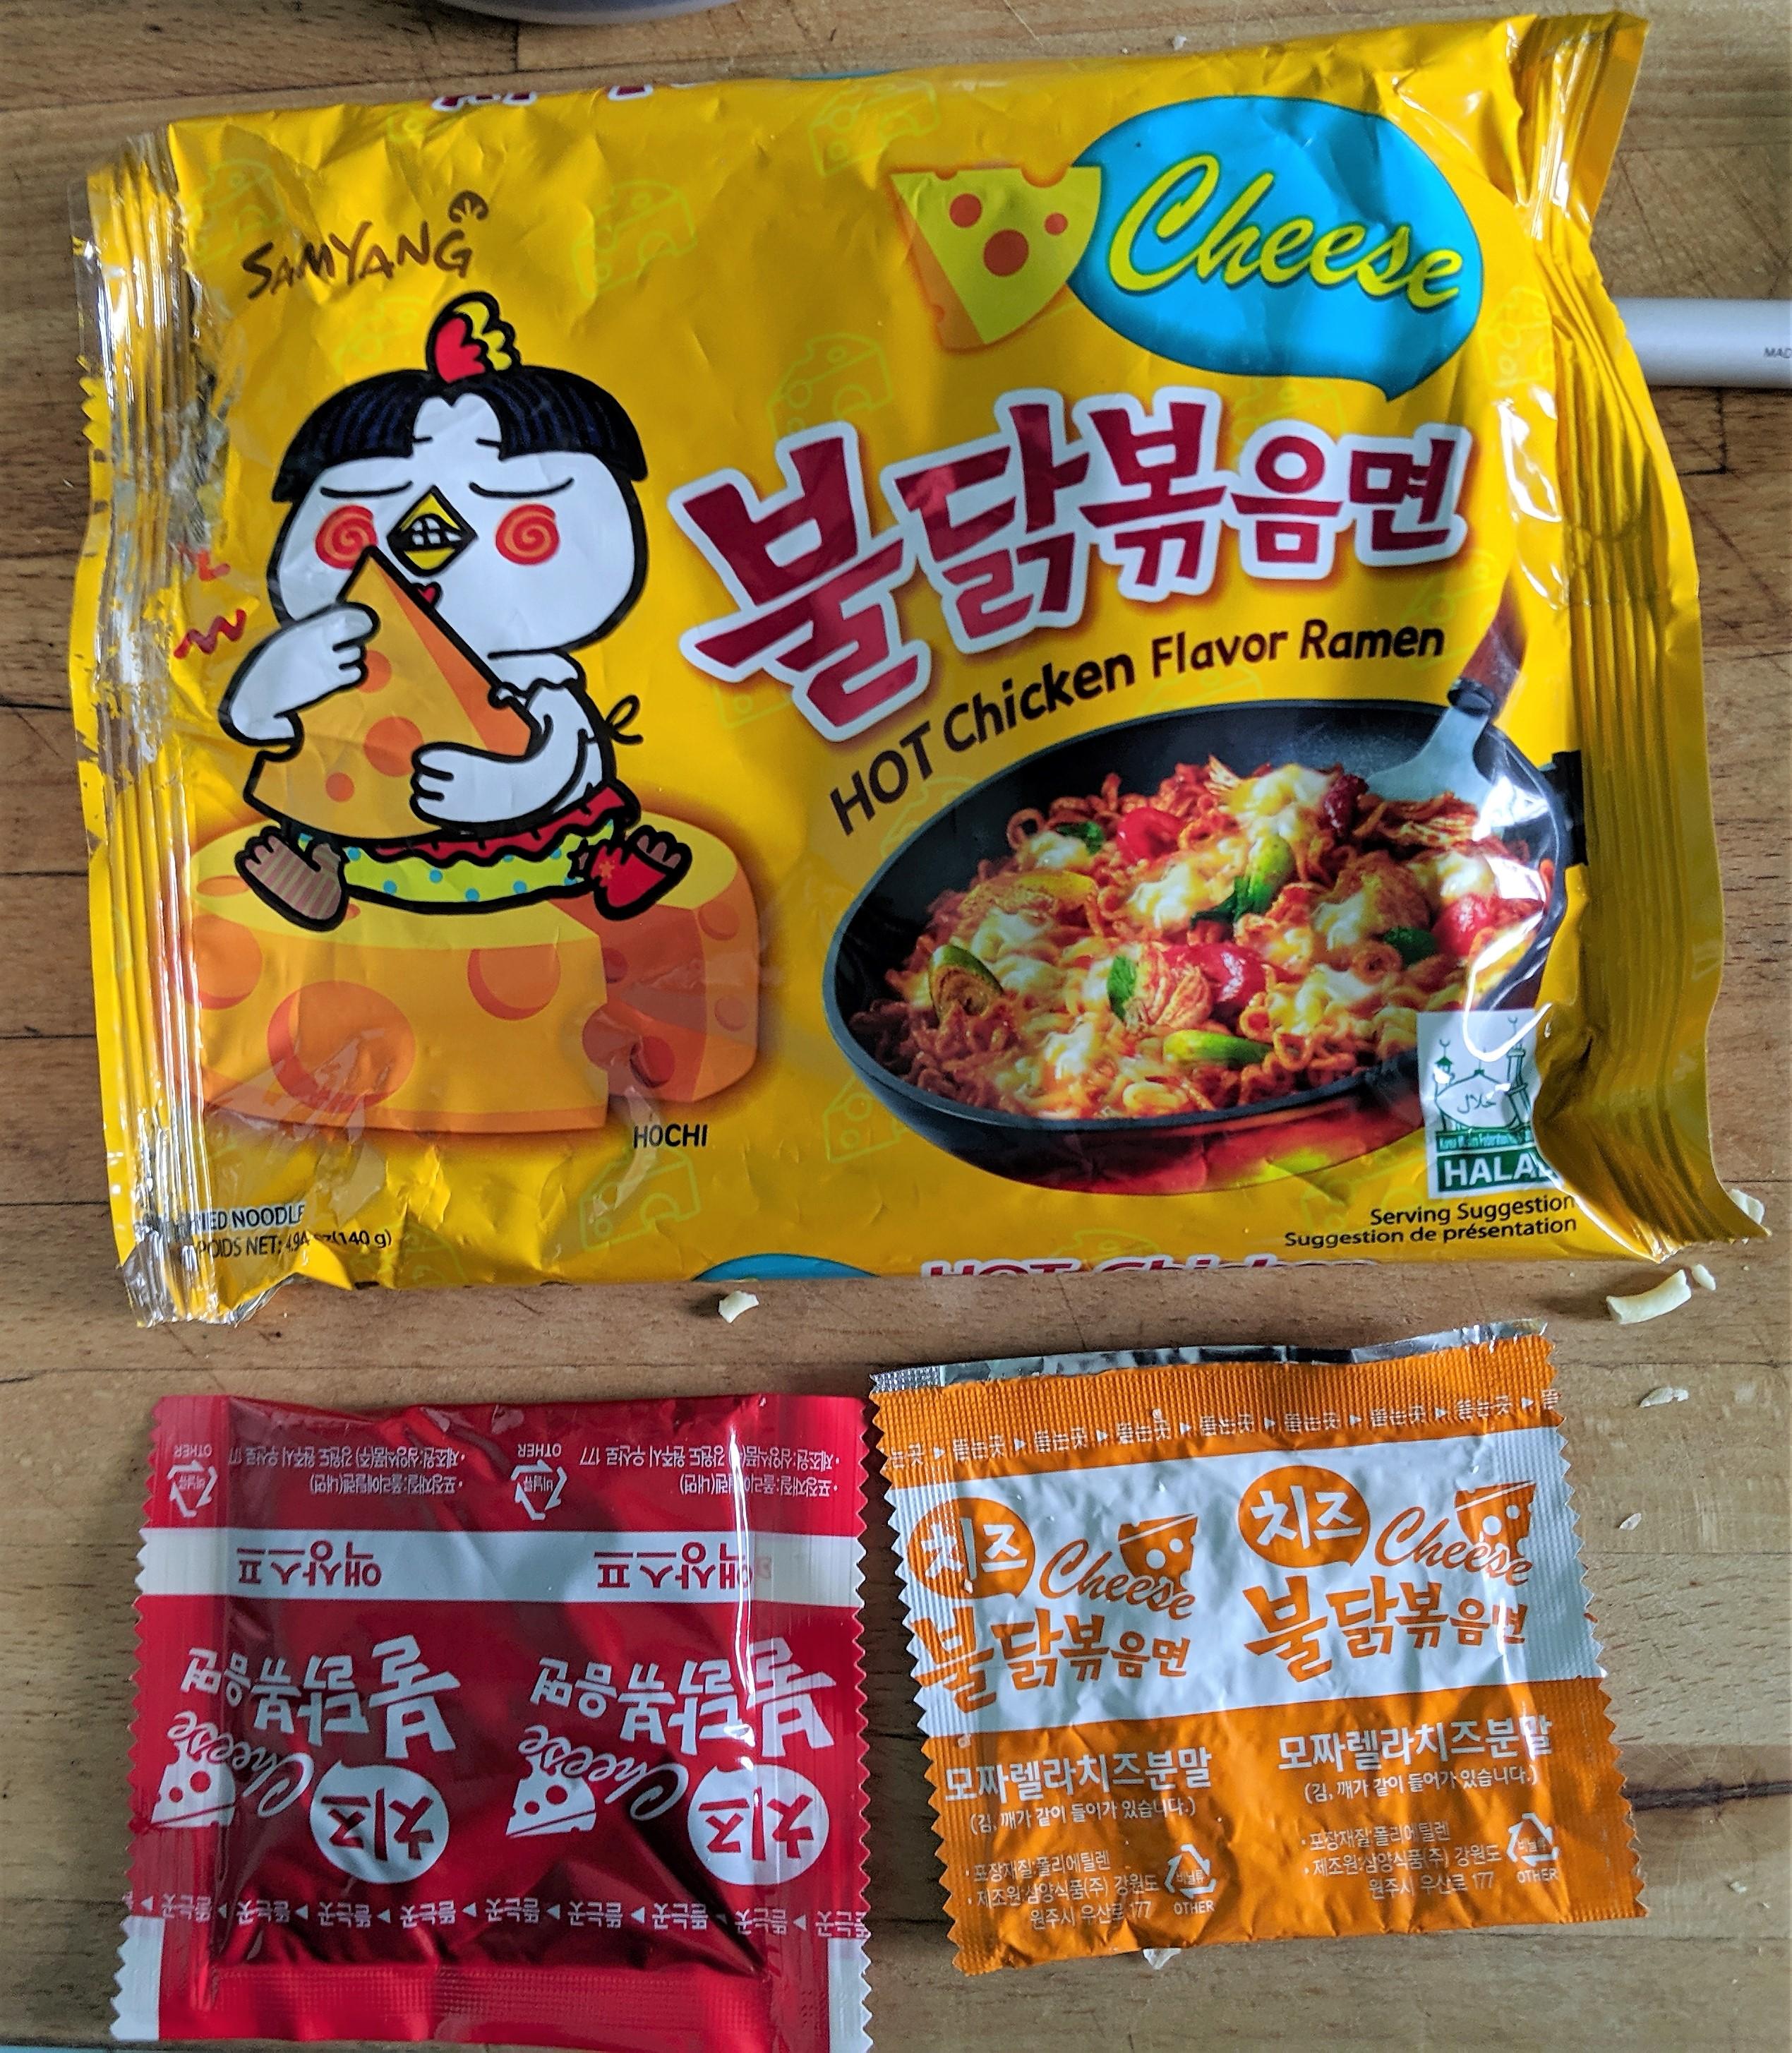 Samyang Cheese Noodle